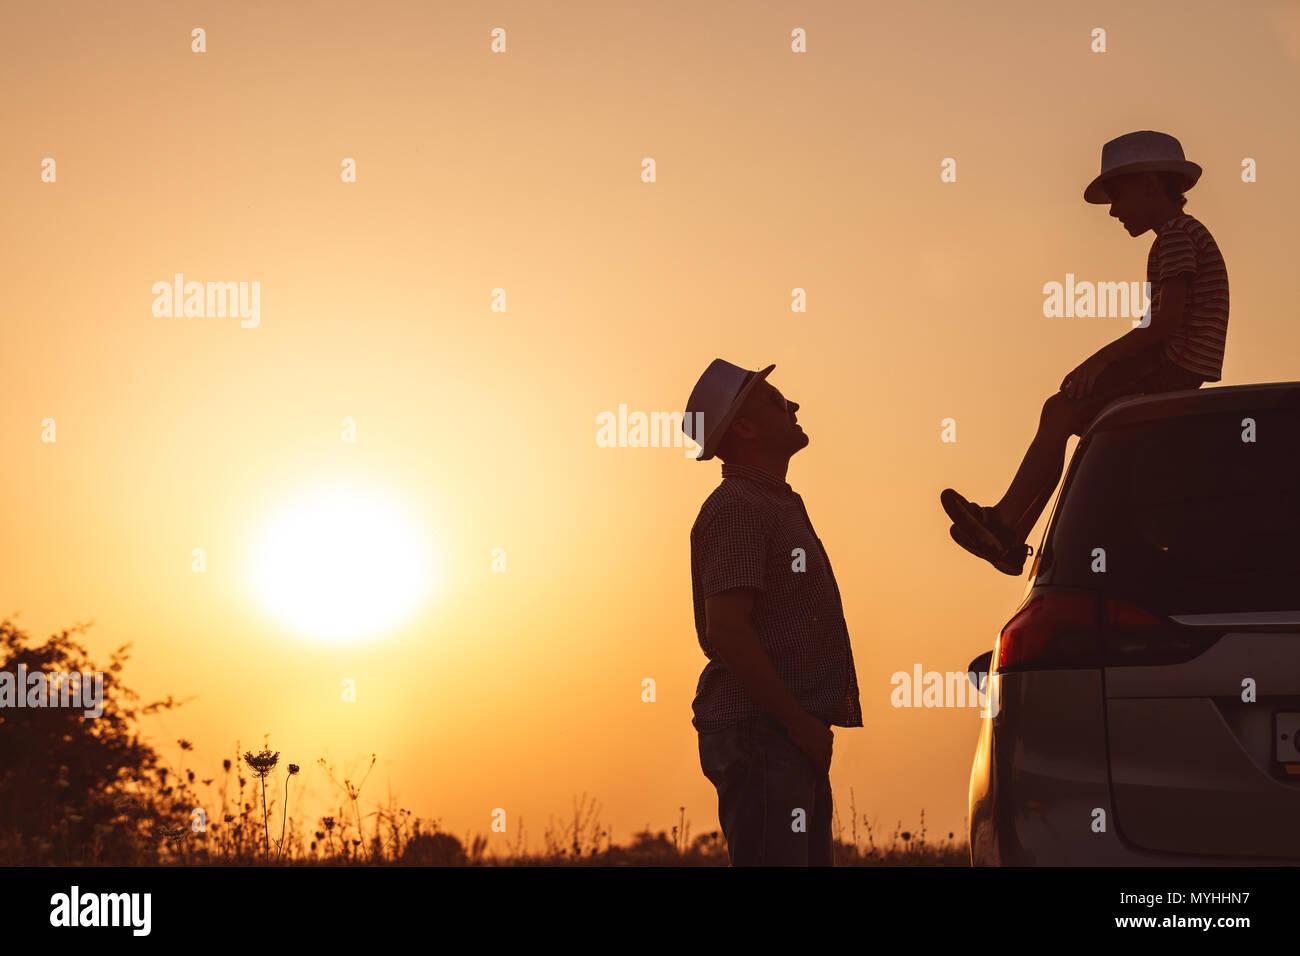 Père et fils jouer dans le parc à l'heure de coucher du soleil. Les gens s'amusant sur le terrain. Concept de famille accueillante et des vacances d'été. Photo Stock